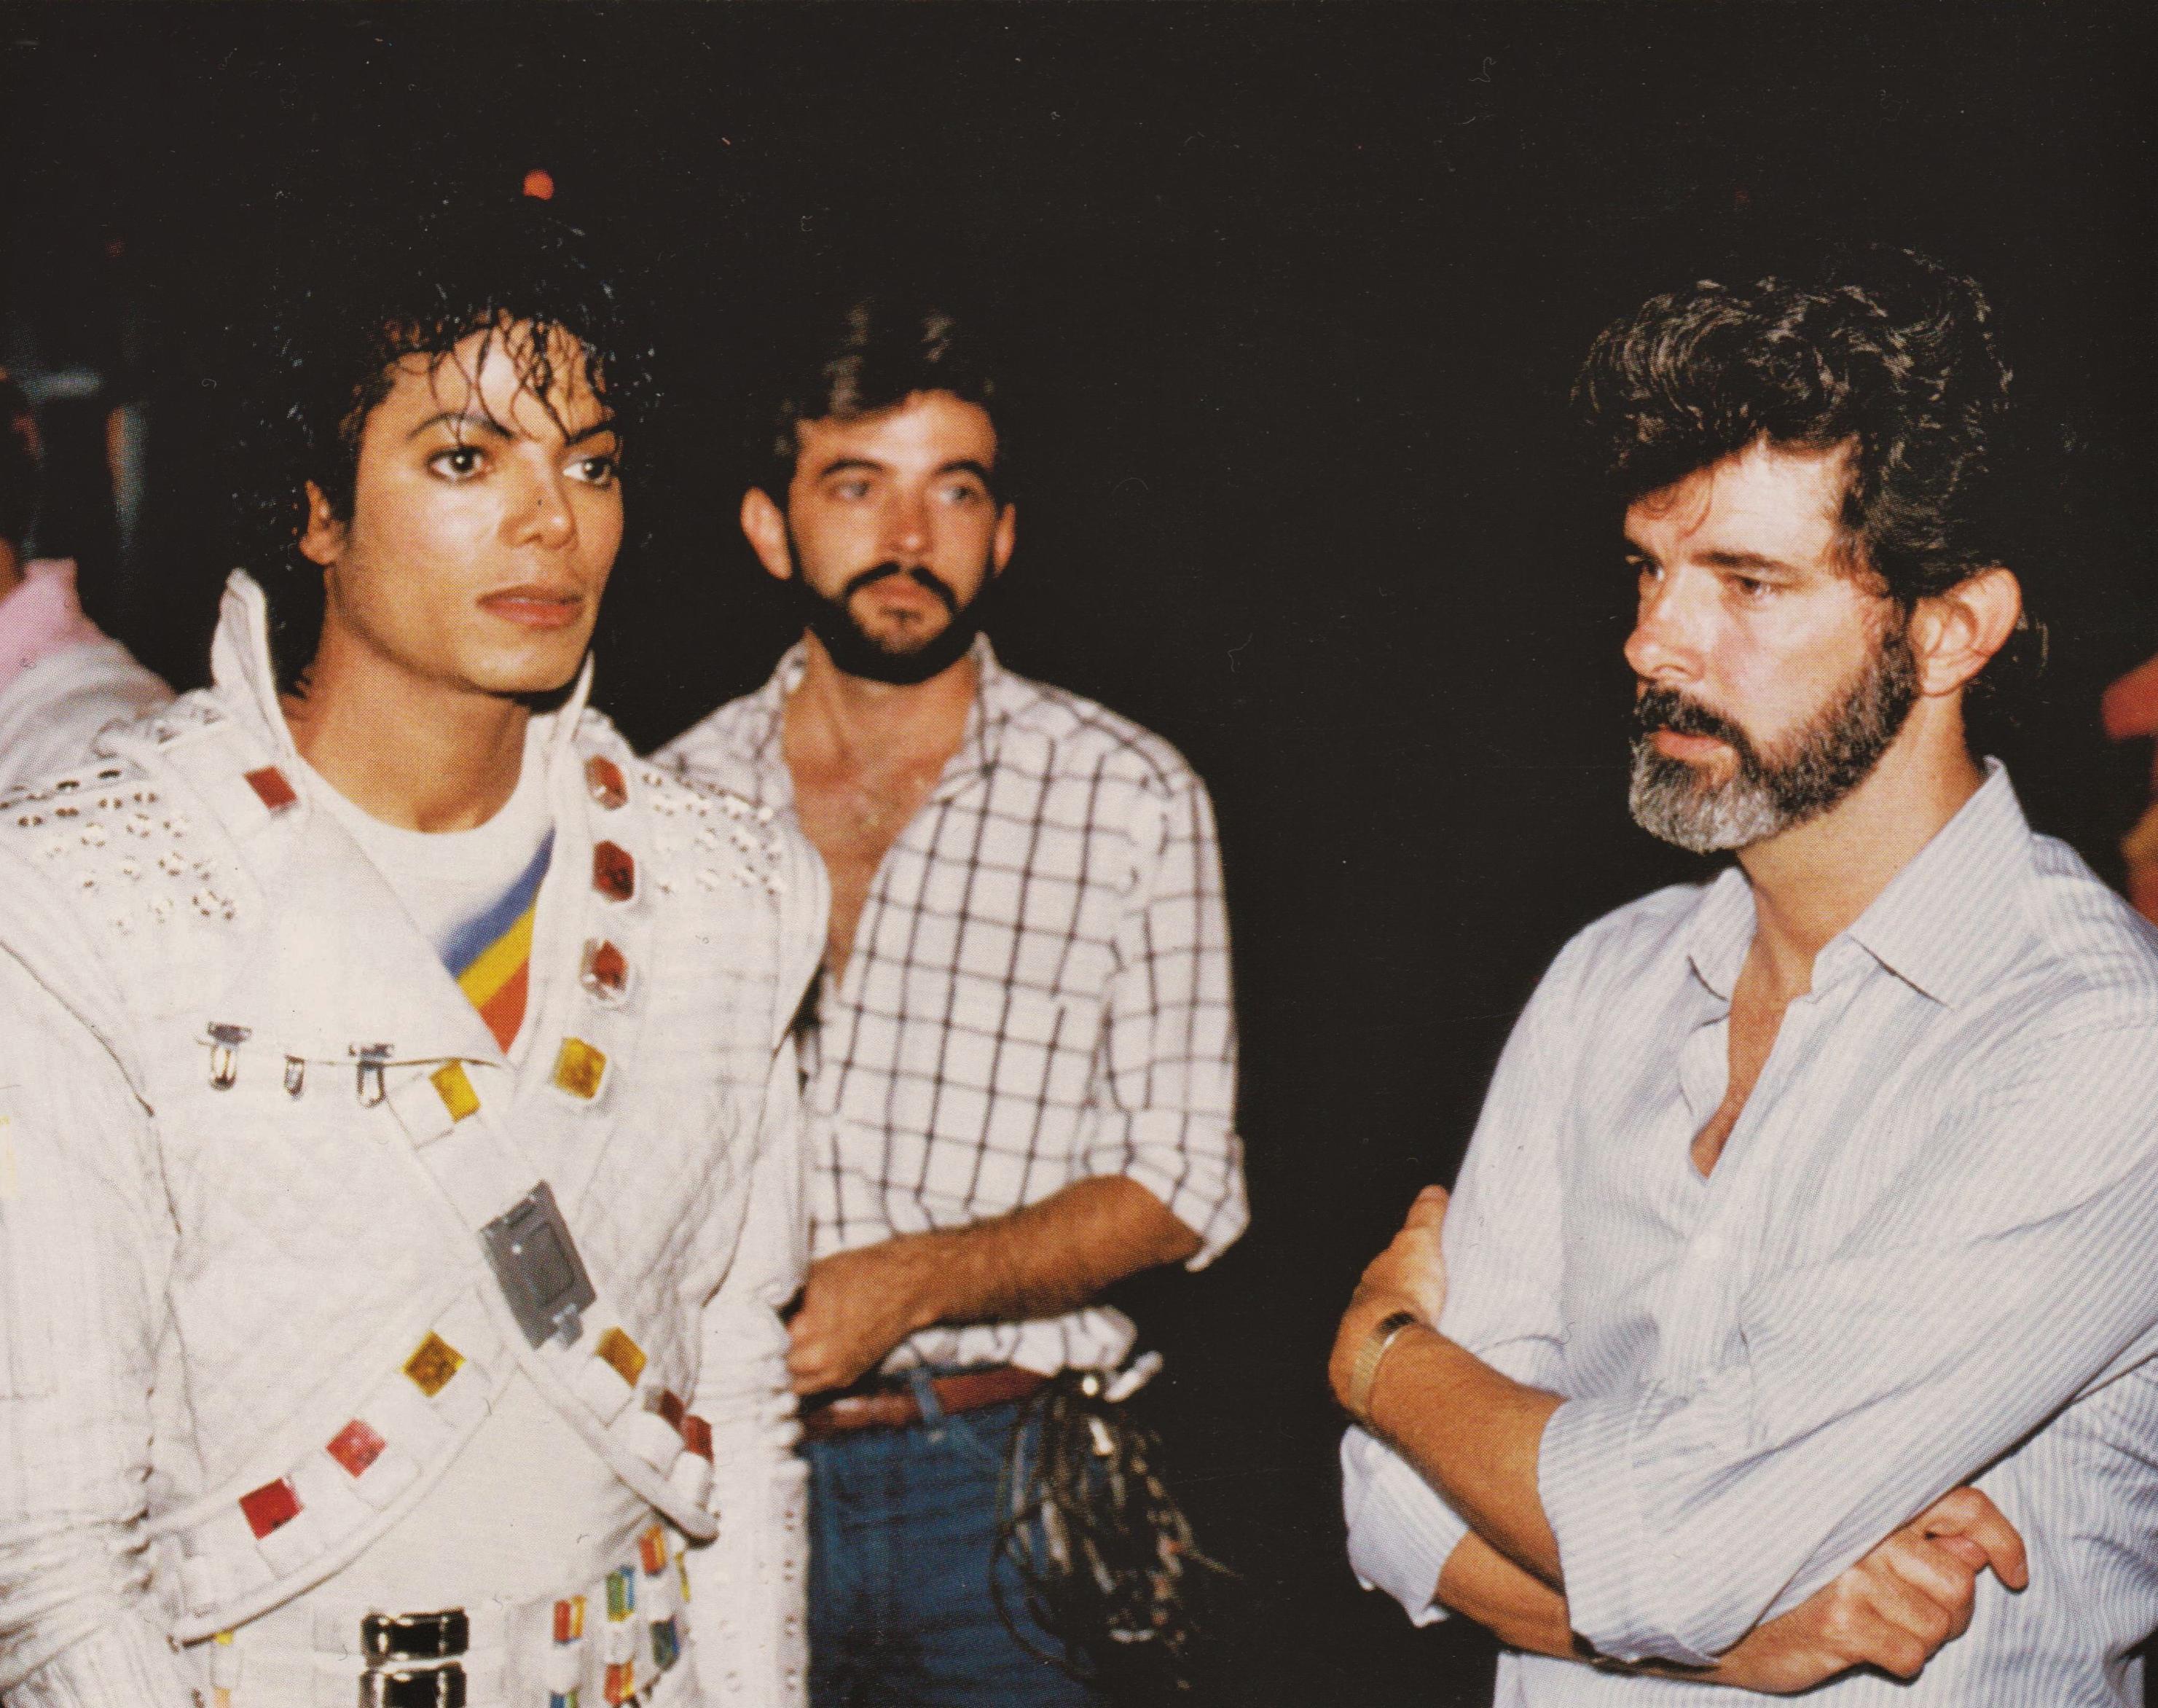 Michael Jackson - HQ Scan - Captain Eo